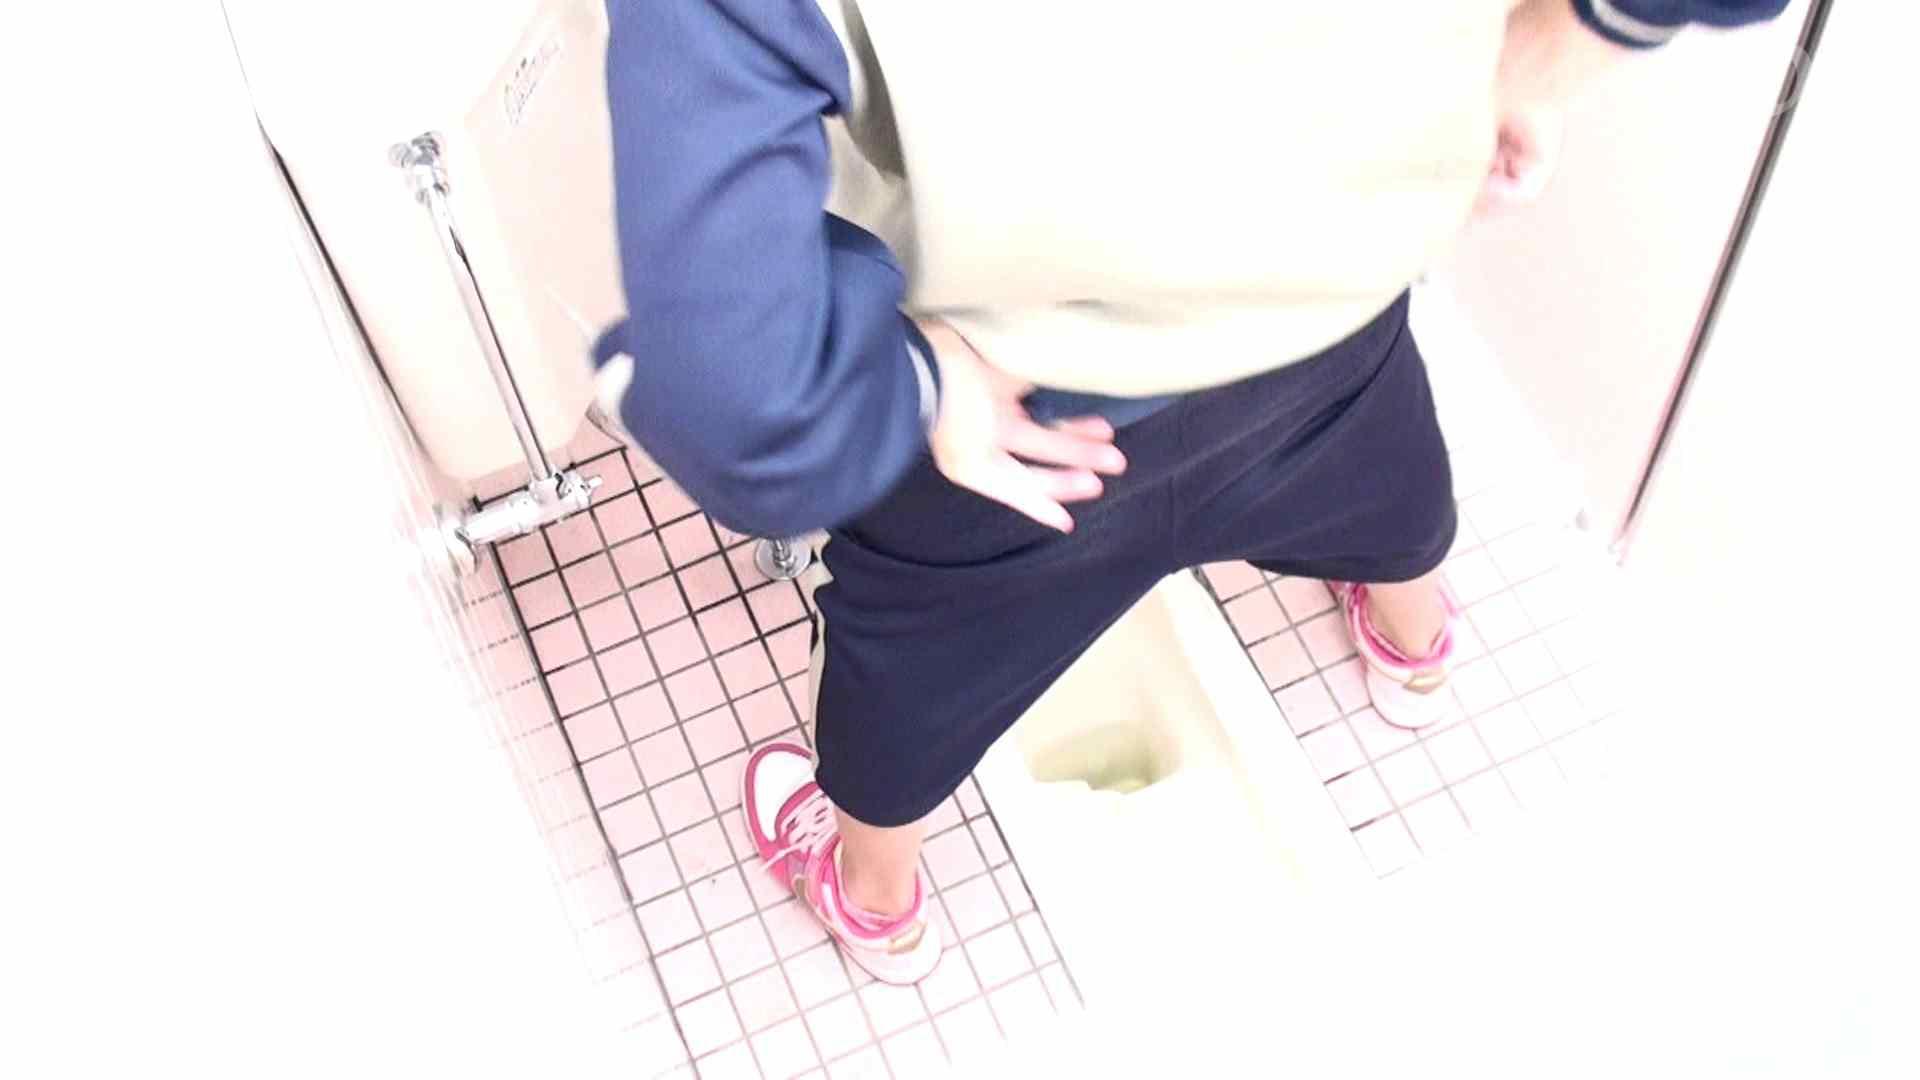 ※100個限定販売 至高下半身盗撮-プレミアム-【体育館編】VOL.5 下半身 AV動画キャプチャ 55連発 10